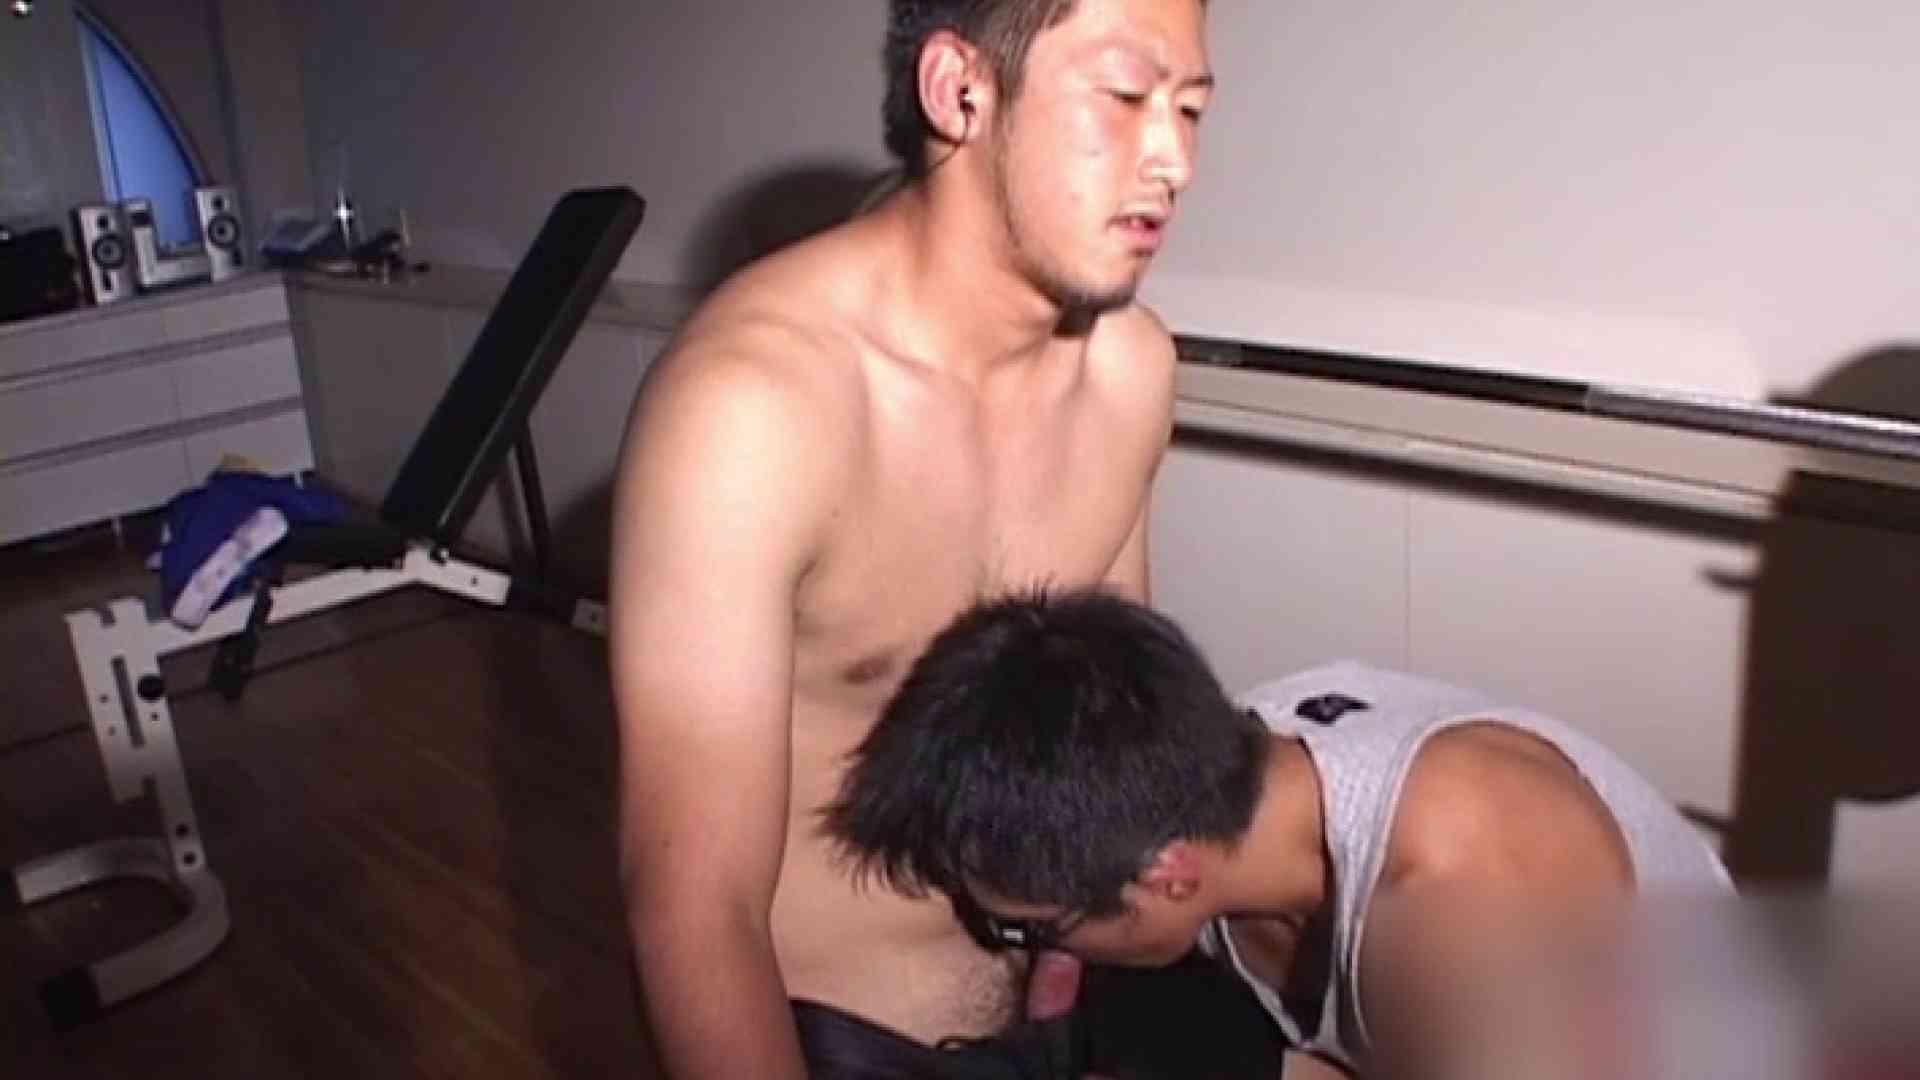 珍肉も筋肉の内!!vol.1 無修正 ゲイエロビデオ画像 66pic 36